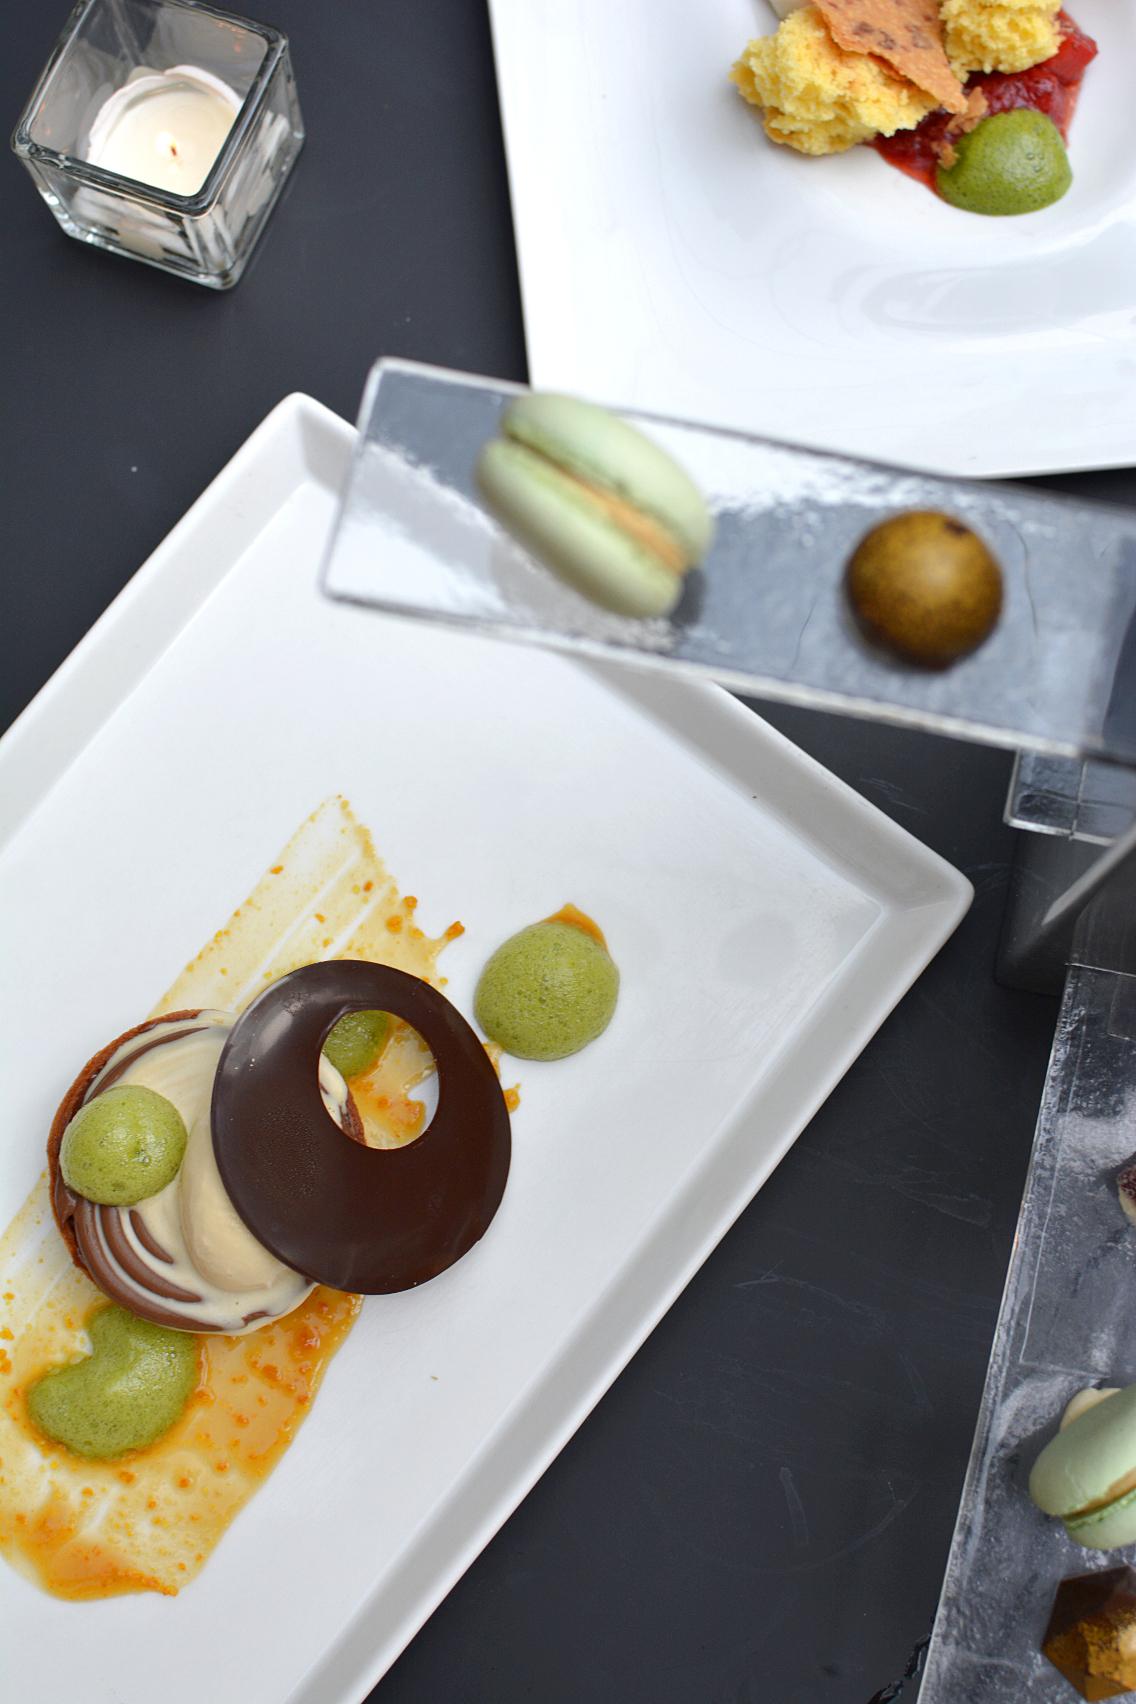 Sofitel Chicago Mignardises macarons, pate fruits, molded chocolates 5